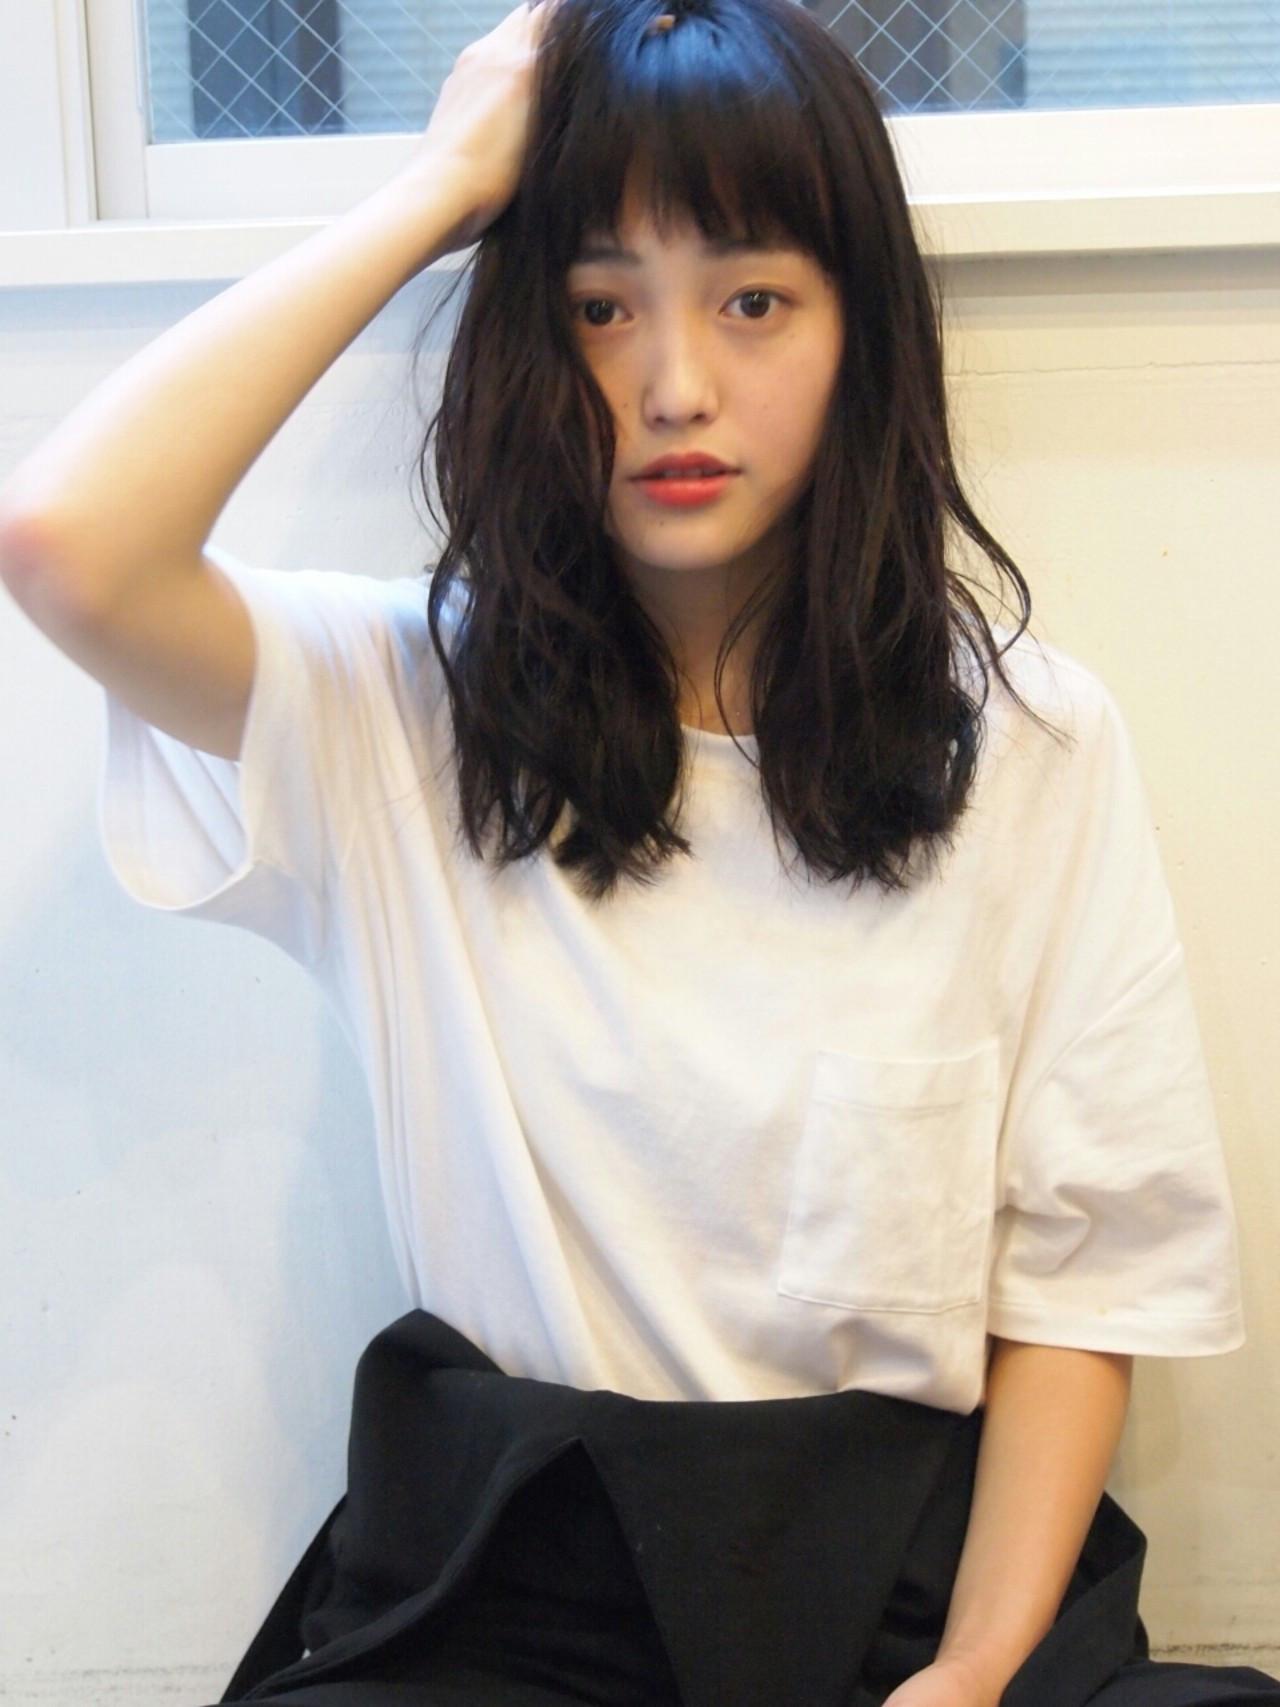 黒髪美人スタイルで今年の春夏を迎えよう♡しなやかな黒髪ヘアカタログ 井上 雄輝/tsumiki 渋谷